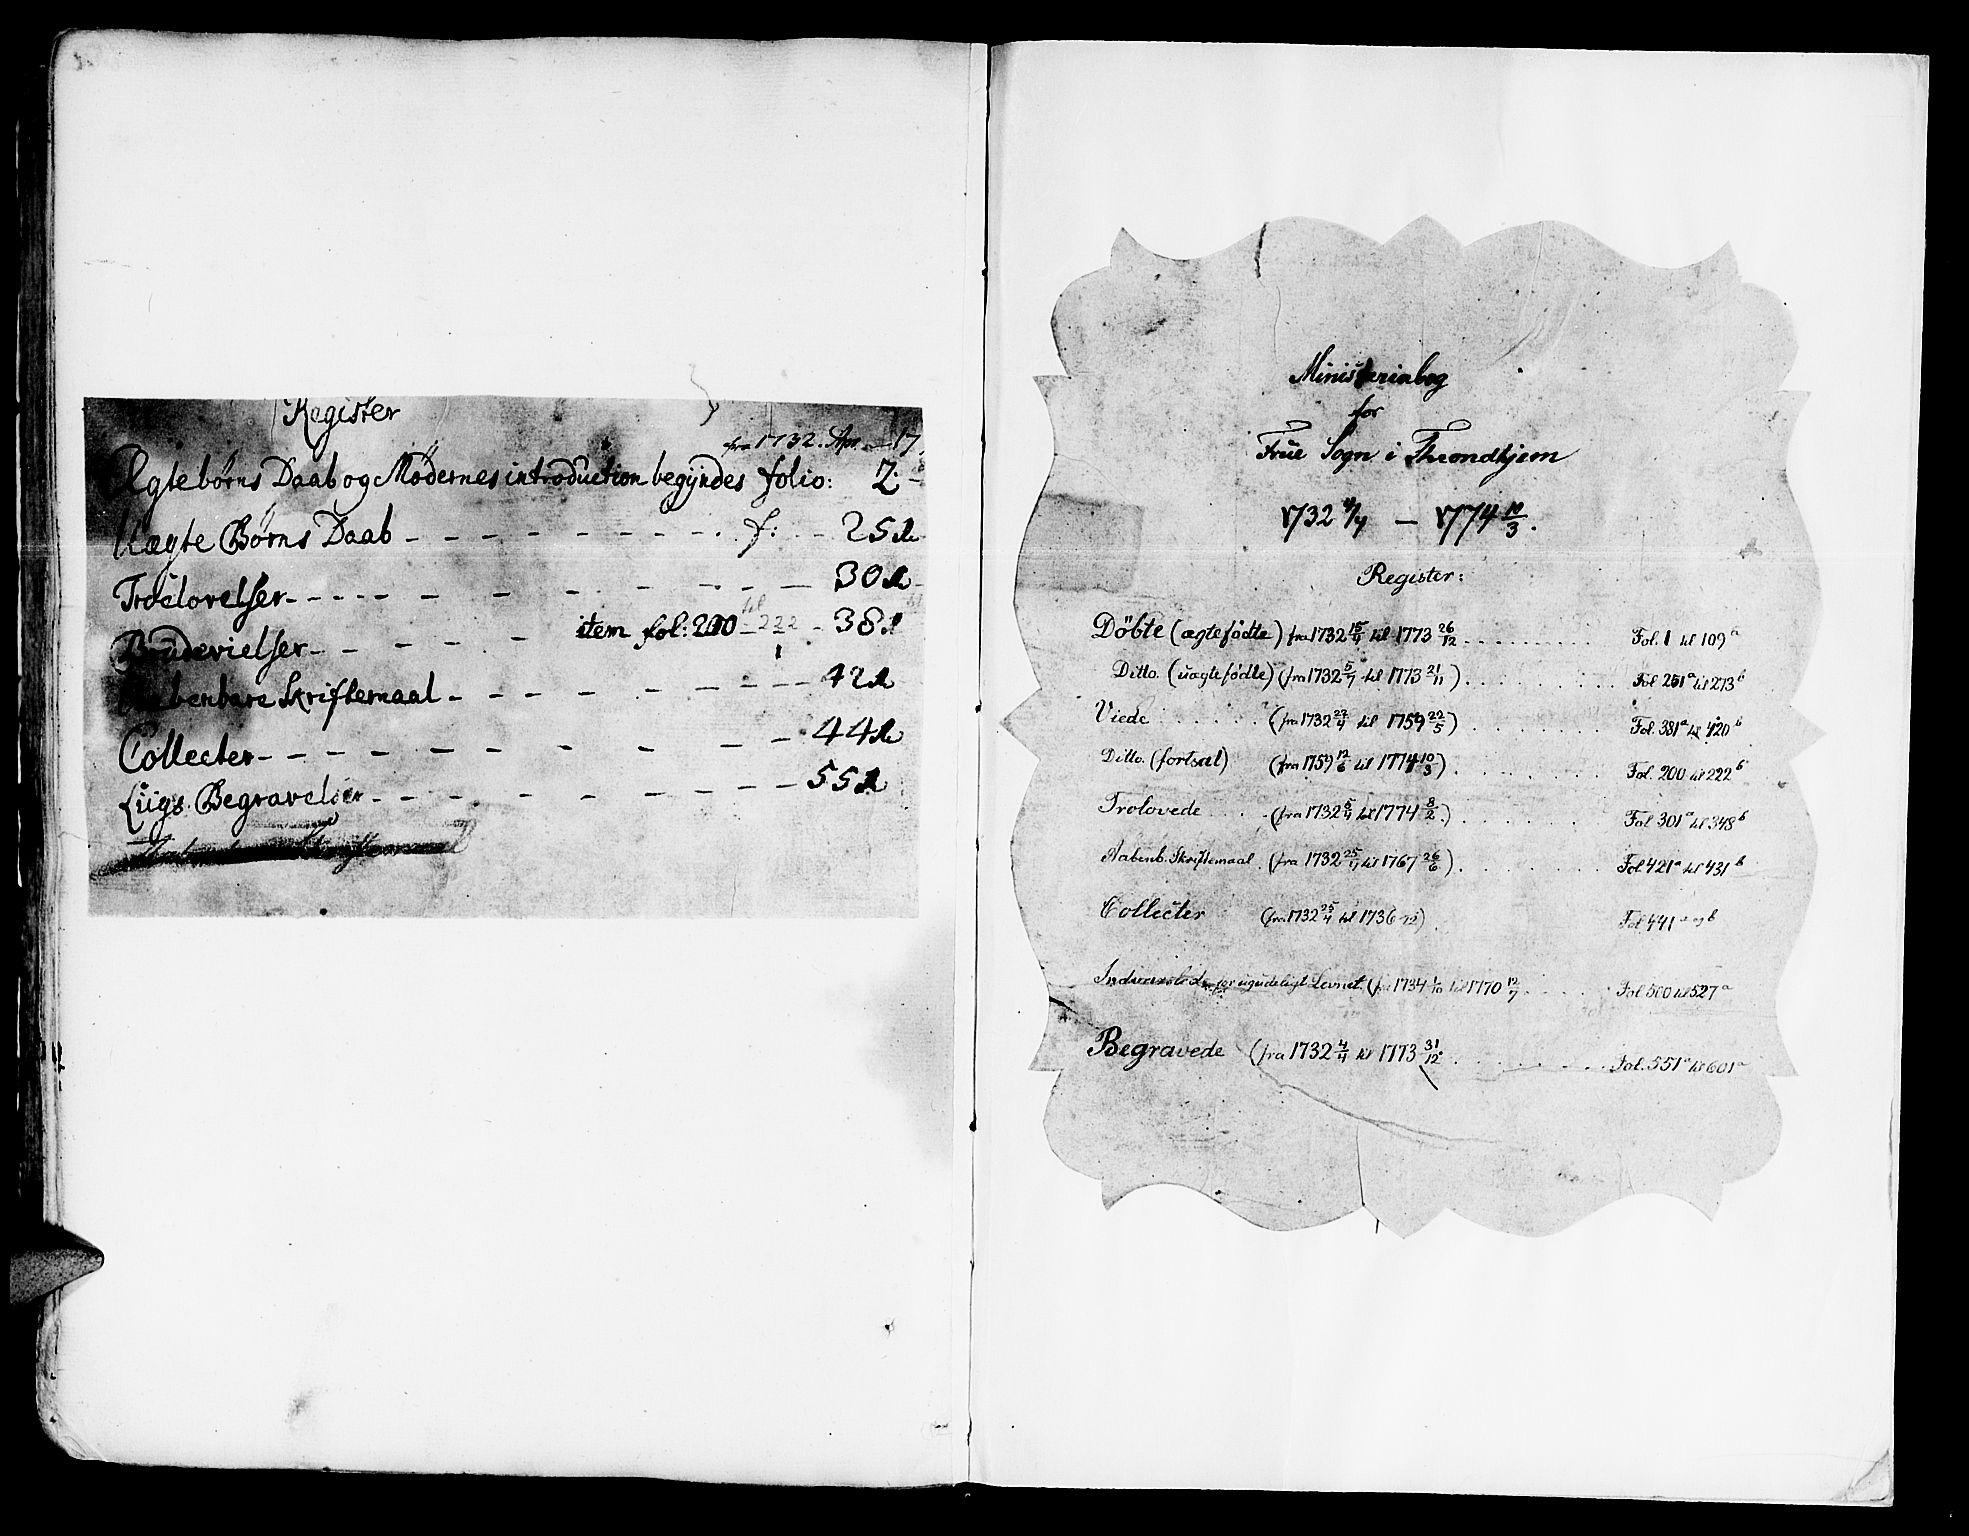 SAT, Ministerialprotokoller, klokkerbøker og fødselsregistre - Sør-Trøndelag, 602/L0103: Ministerialbok nr. 602A01, 1732-1774